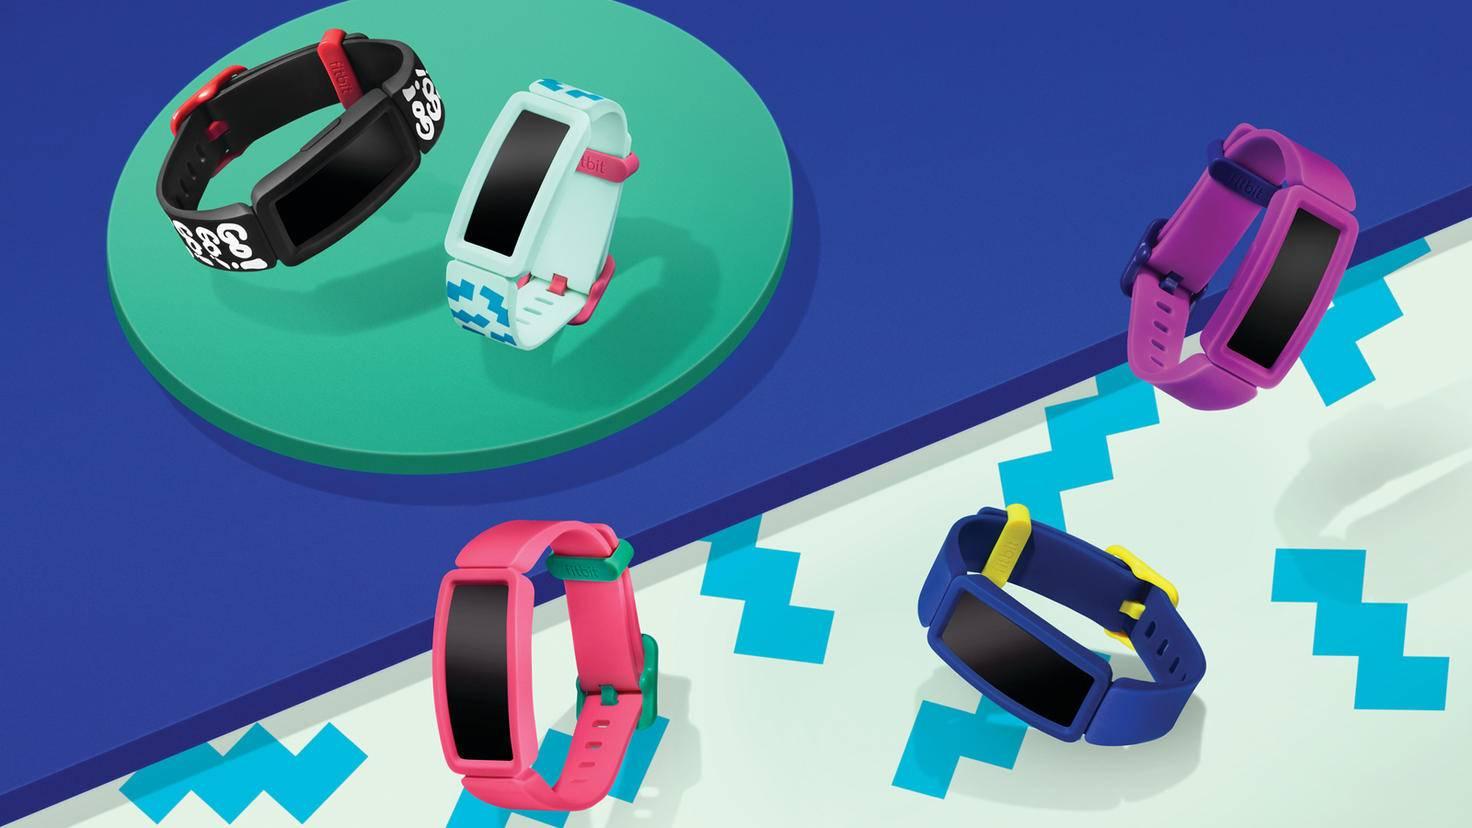 Gleich fünf Farb-Varianten stehen zur Auswahl.